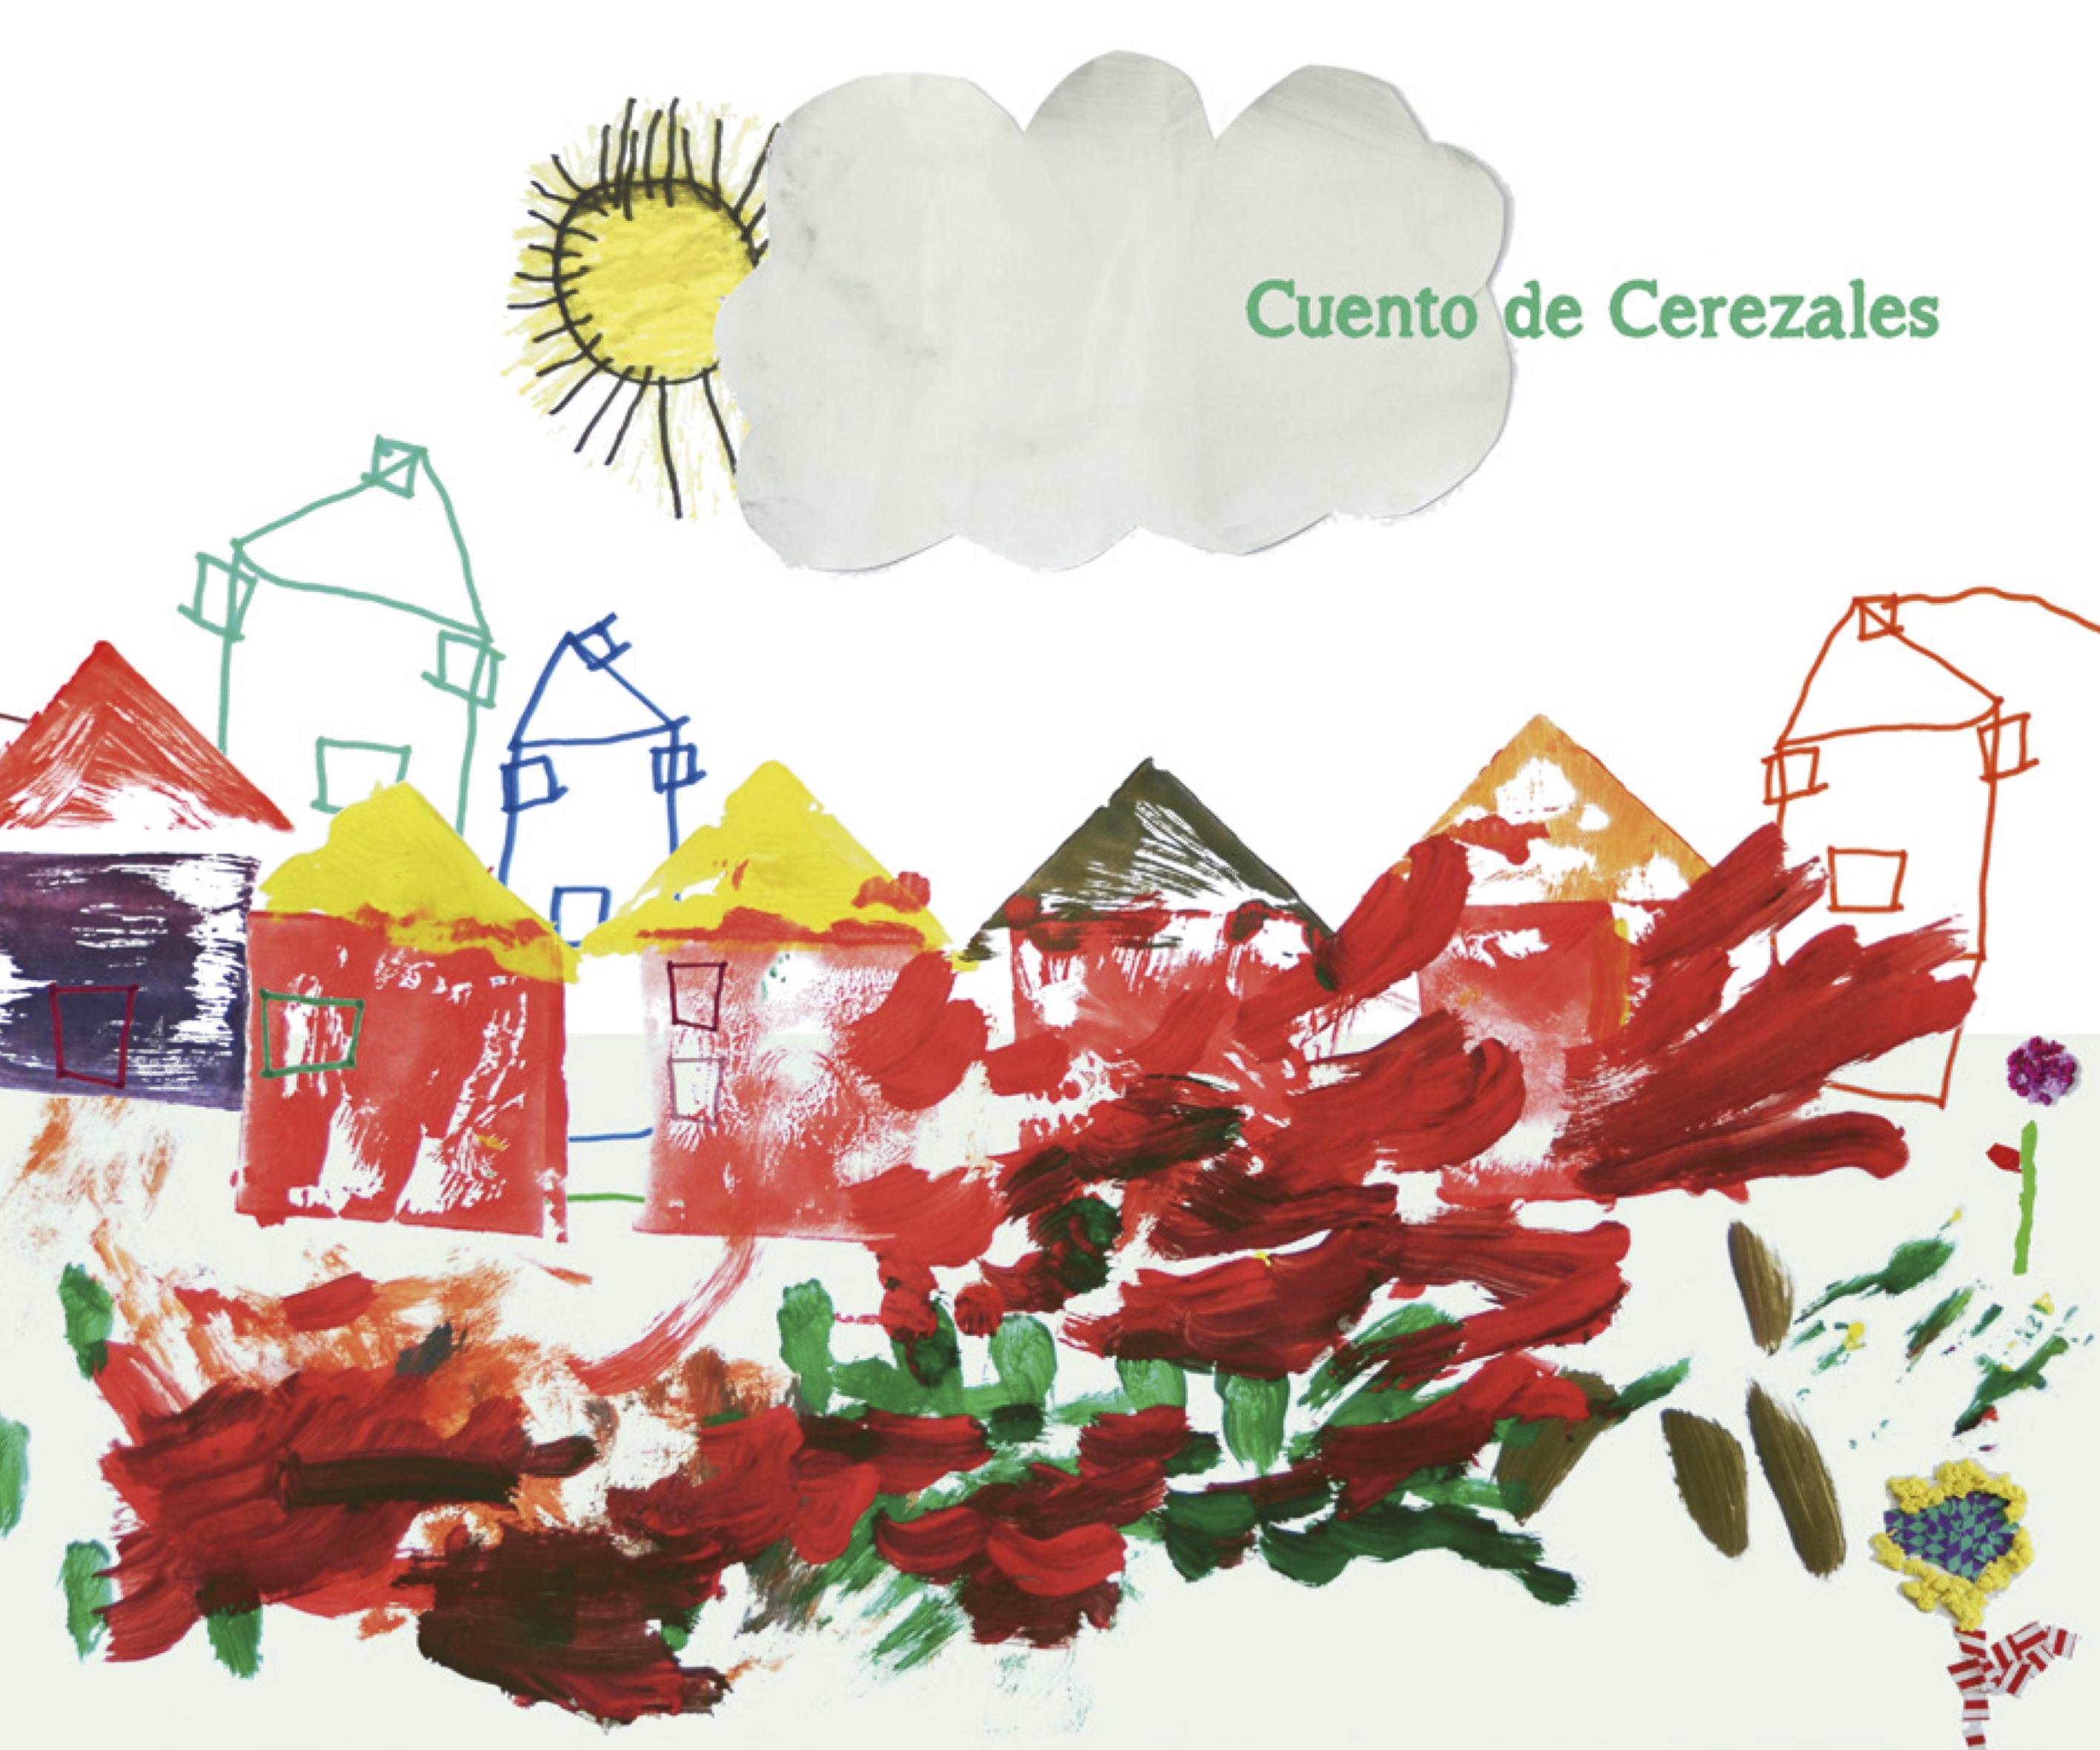 maqueta-Cuento-Cerezales-WEB copia